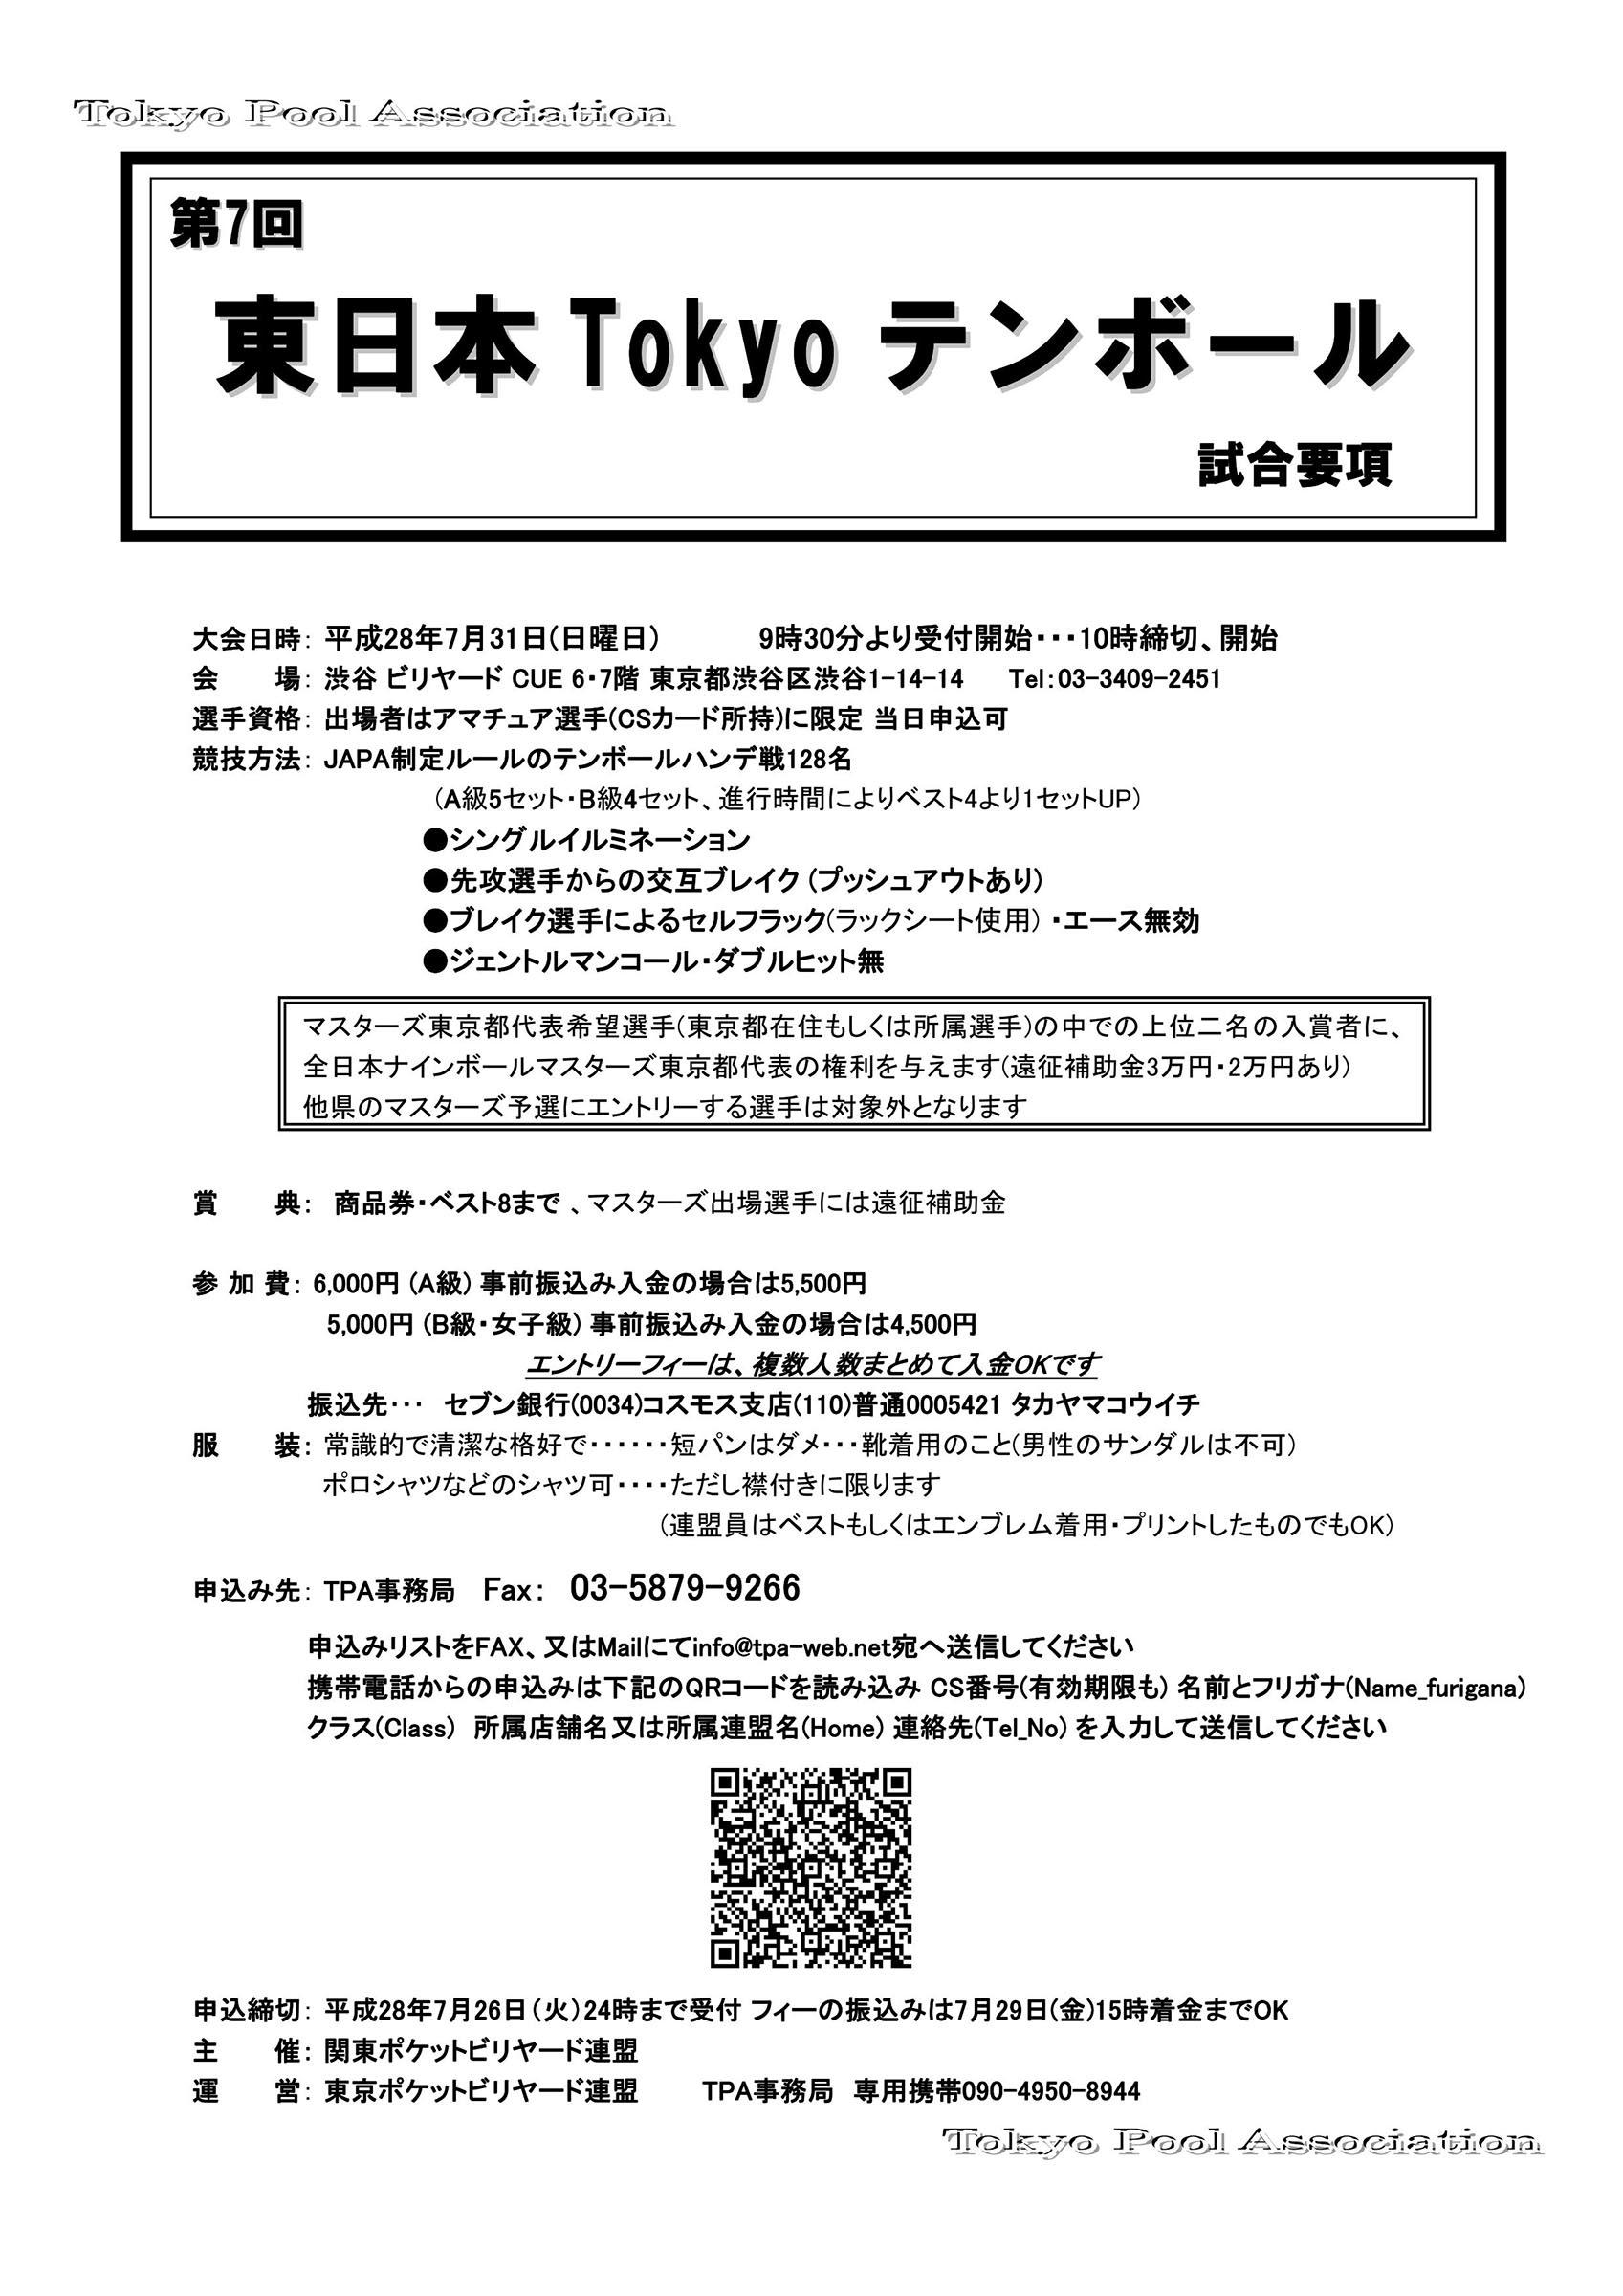 東日本Tokyoテンボール要項_20160731_01